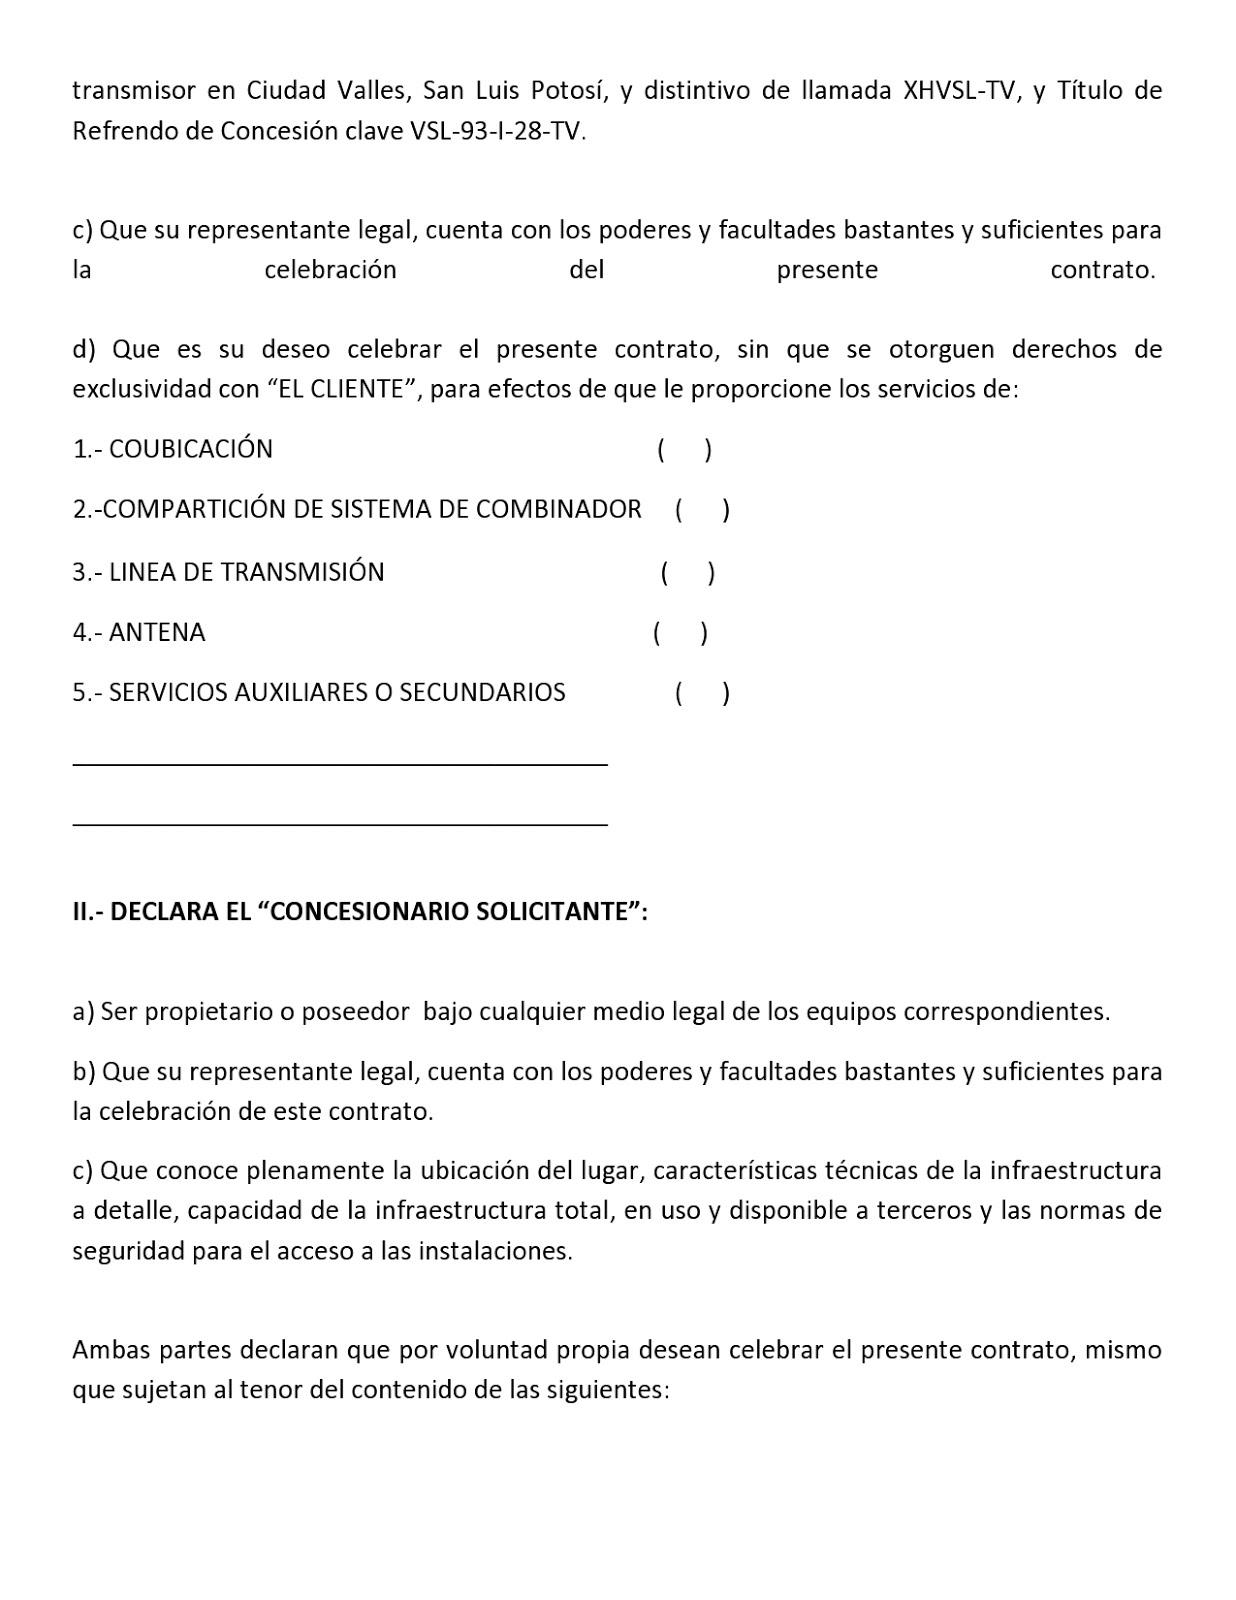 Oferta de la Red Pública 05